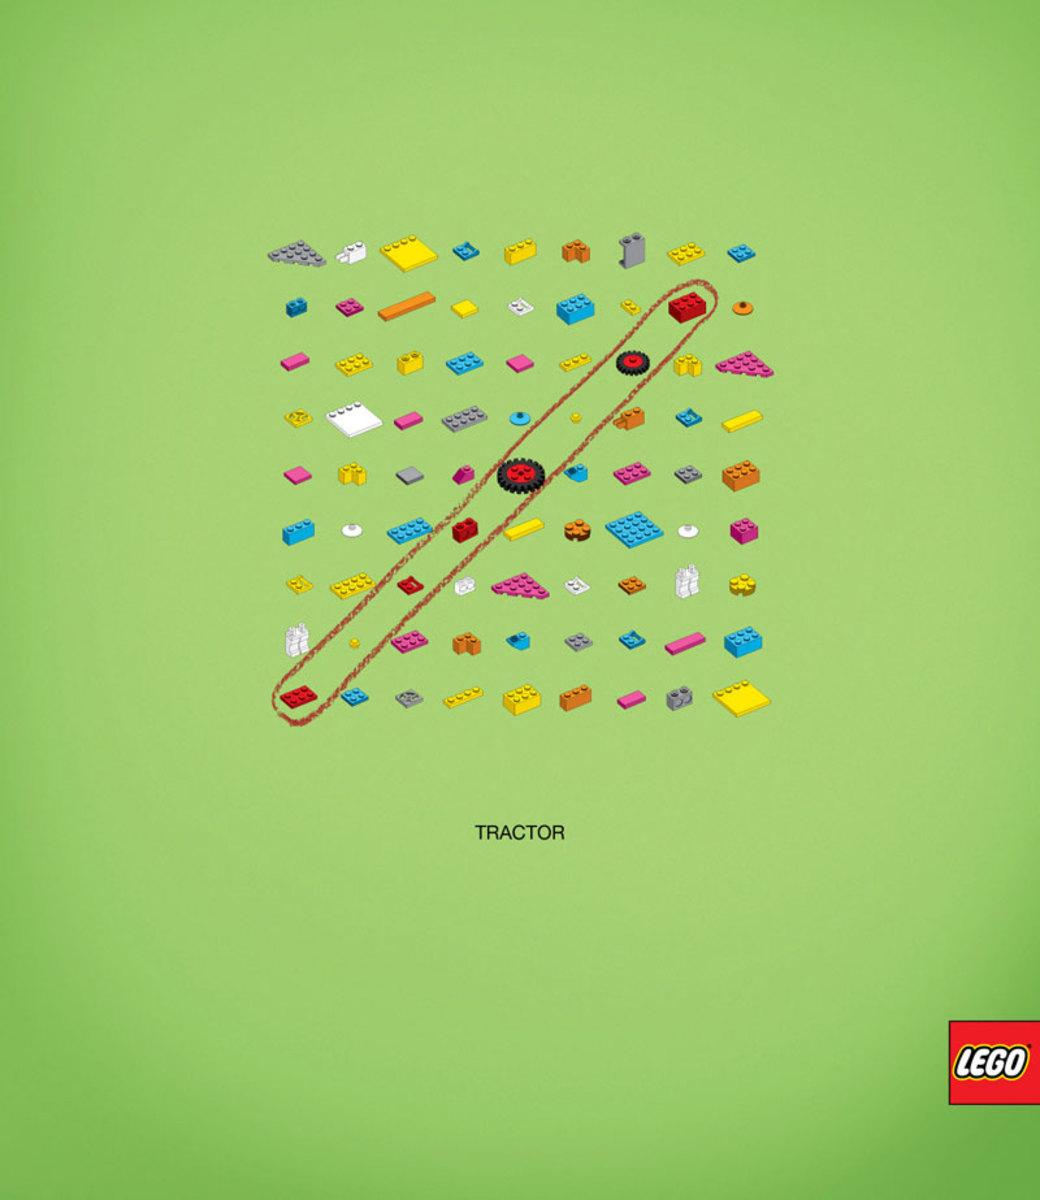 lego-word-scramble-ad-1